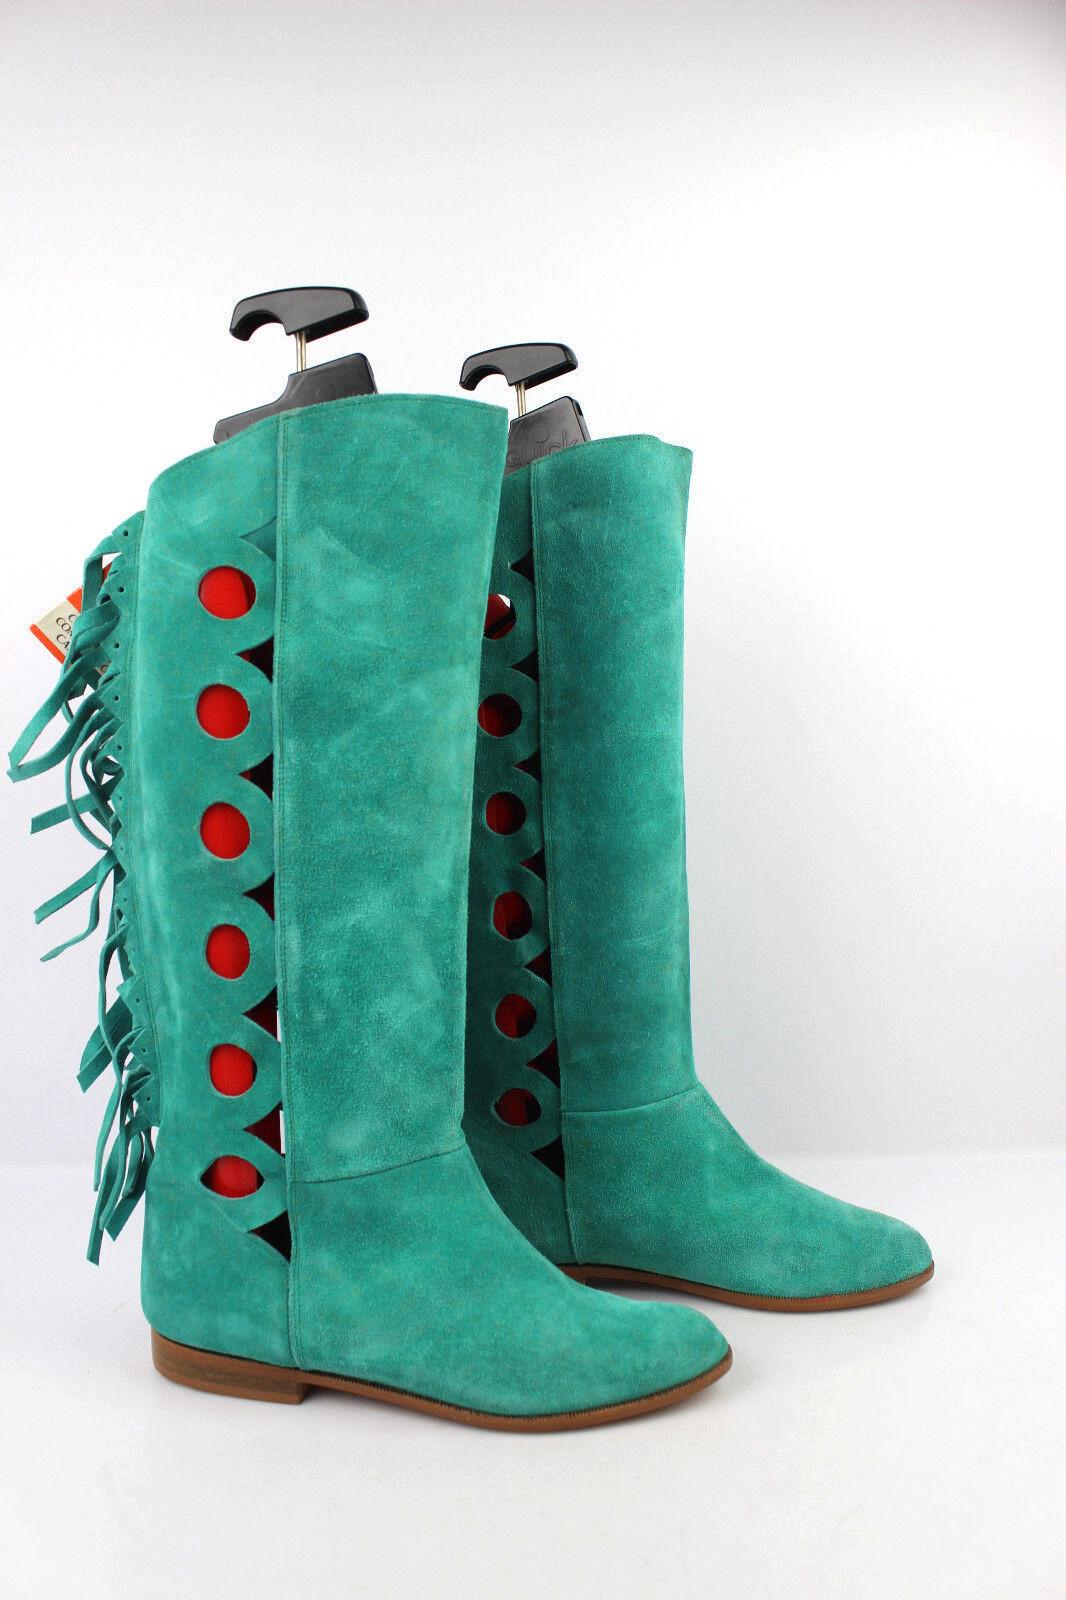 Stiefel CHISAN mintgrün Wildleder mintgrün CHISAN T 36 sehr guter Zustand 7c0c5c